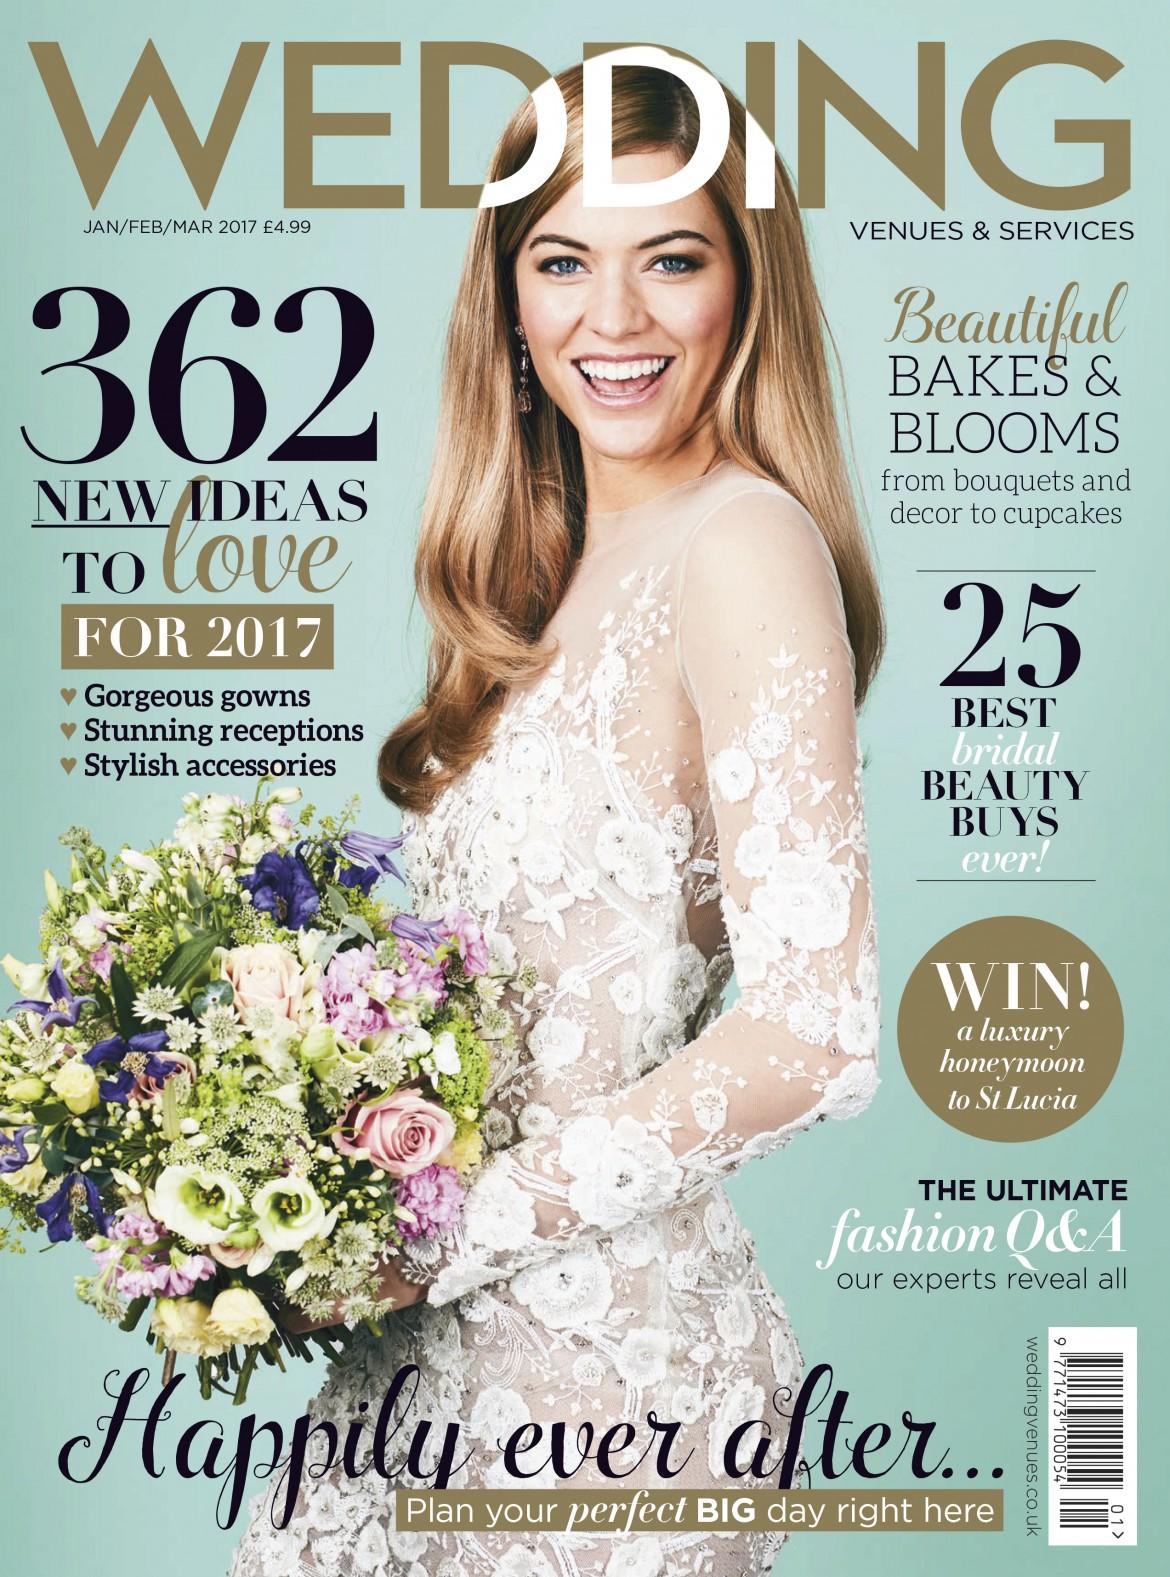 WVs cover designer wedding gowns by Caroline Castigliano